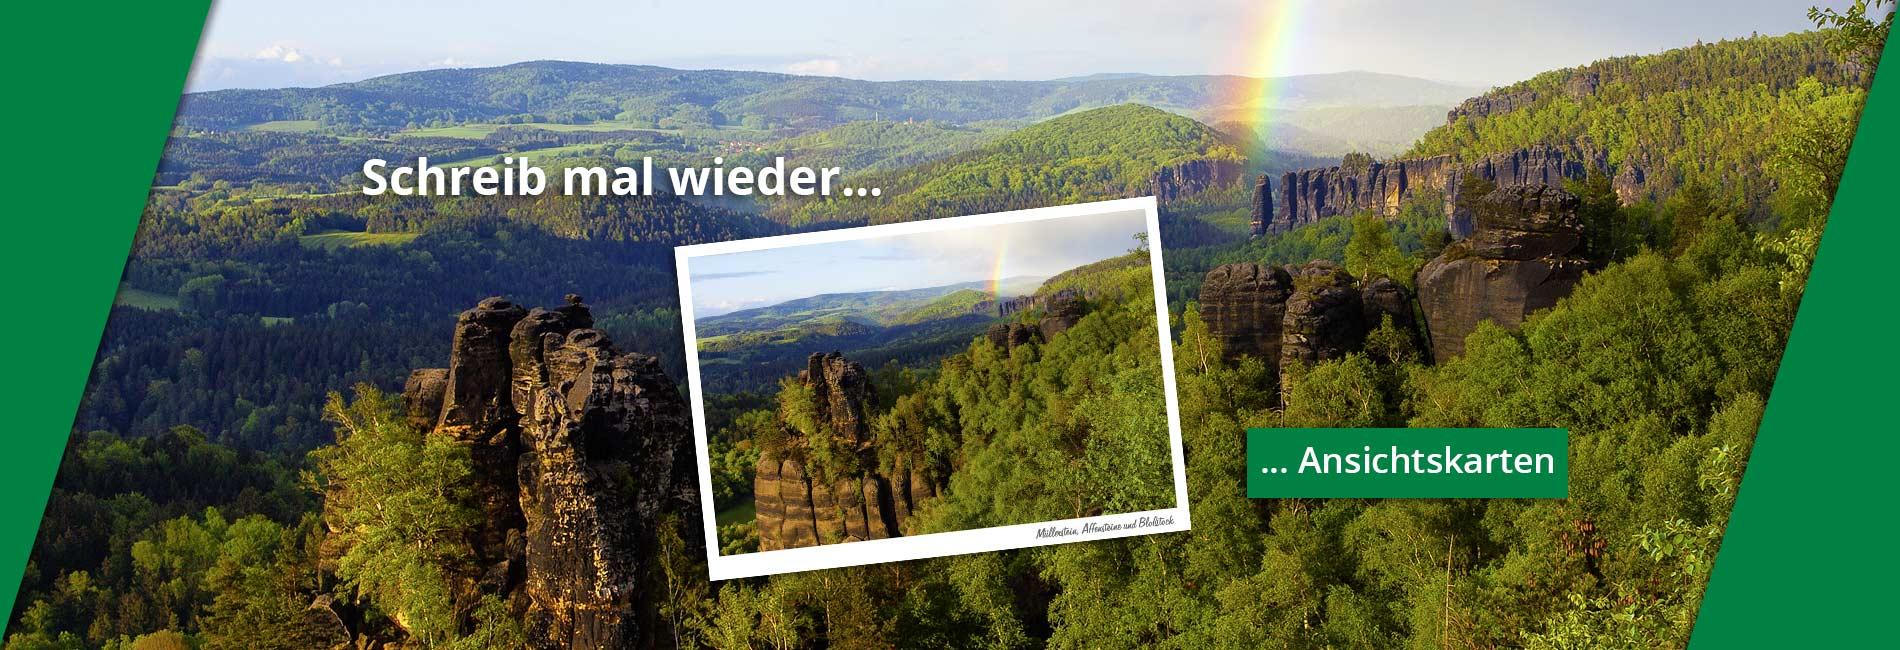 Ansichtskarte Bloßstock Müllerstein Regenbogen